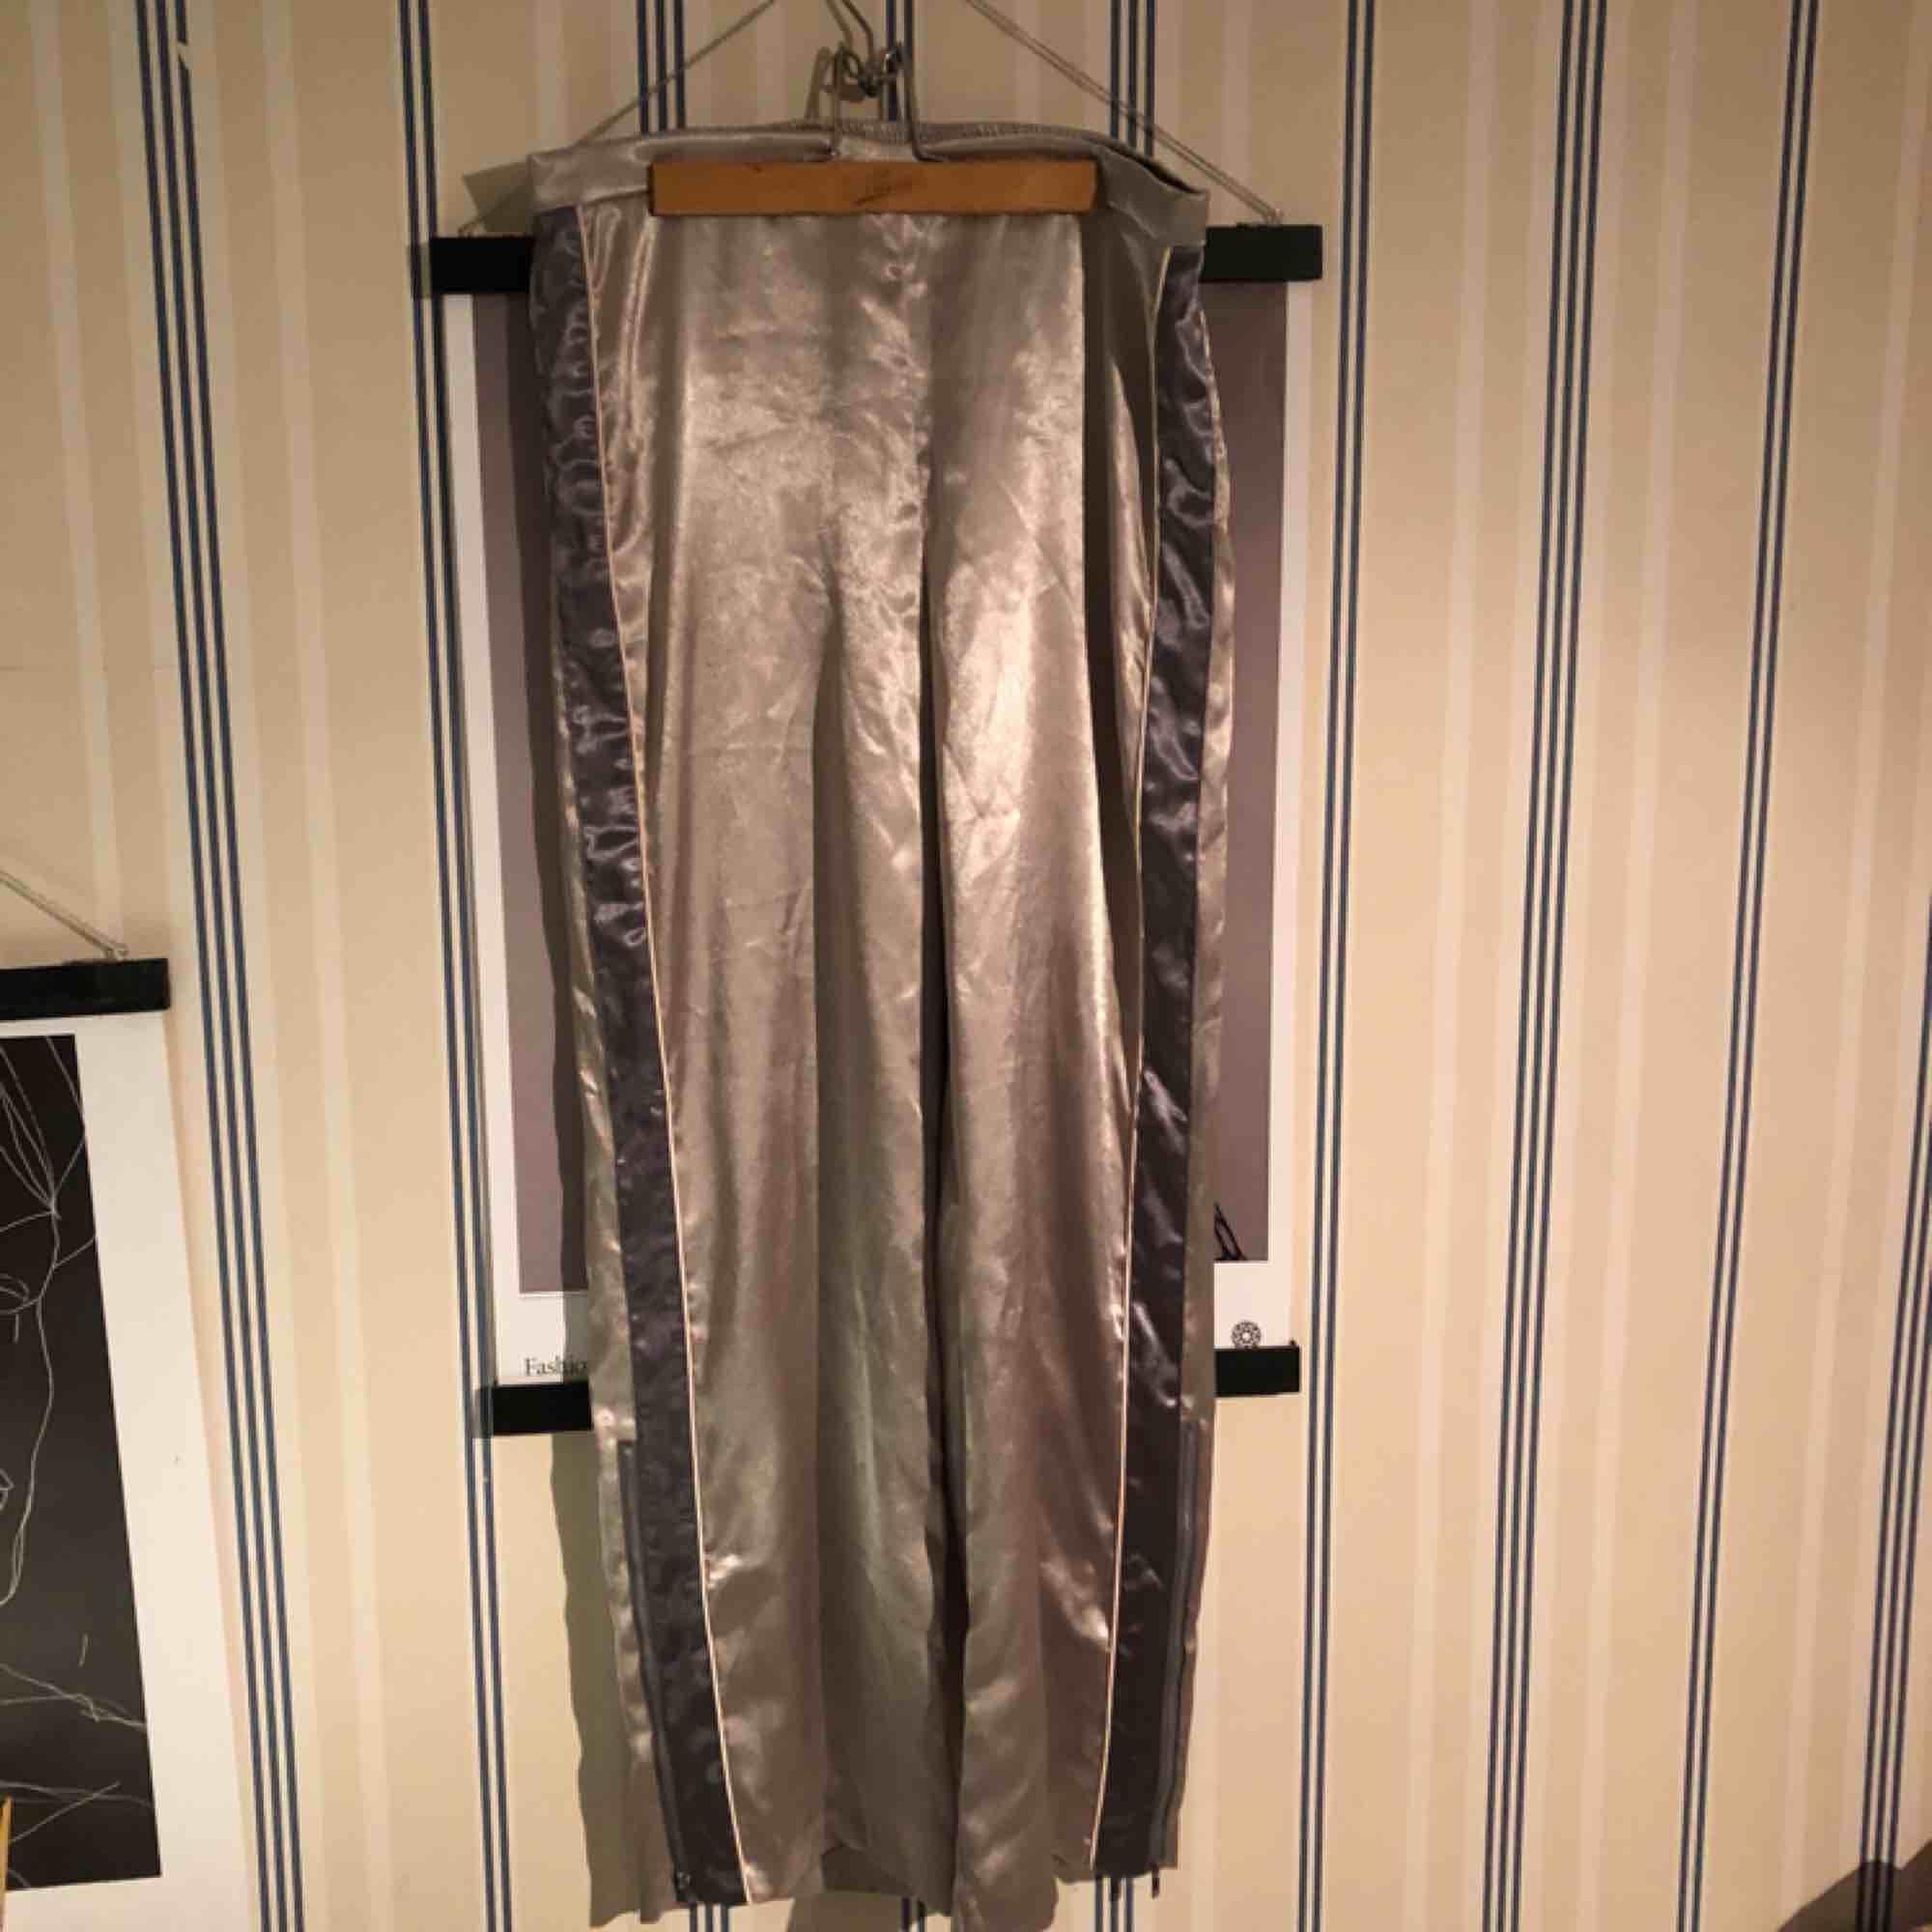 Byxor från H&M trend från deras vinter kollektion. Inköpta för 599 kronor. Material: satin, silkes liknande. Perfekta sköna och grymt snygga fest byxor som tar hela rampljuset:). Jeans & Byxor.